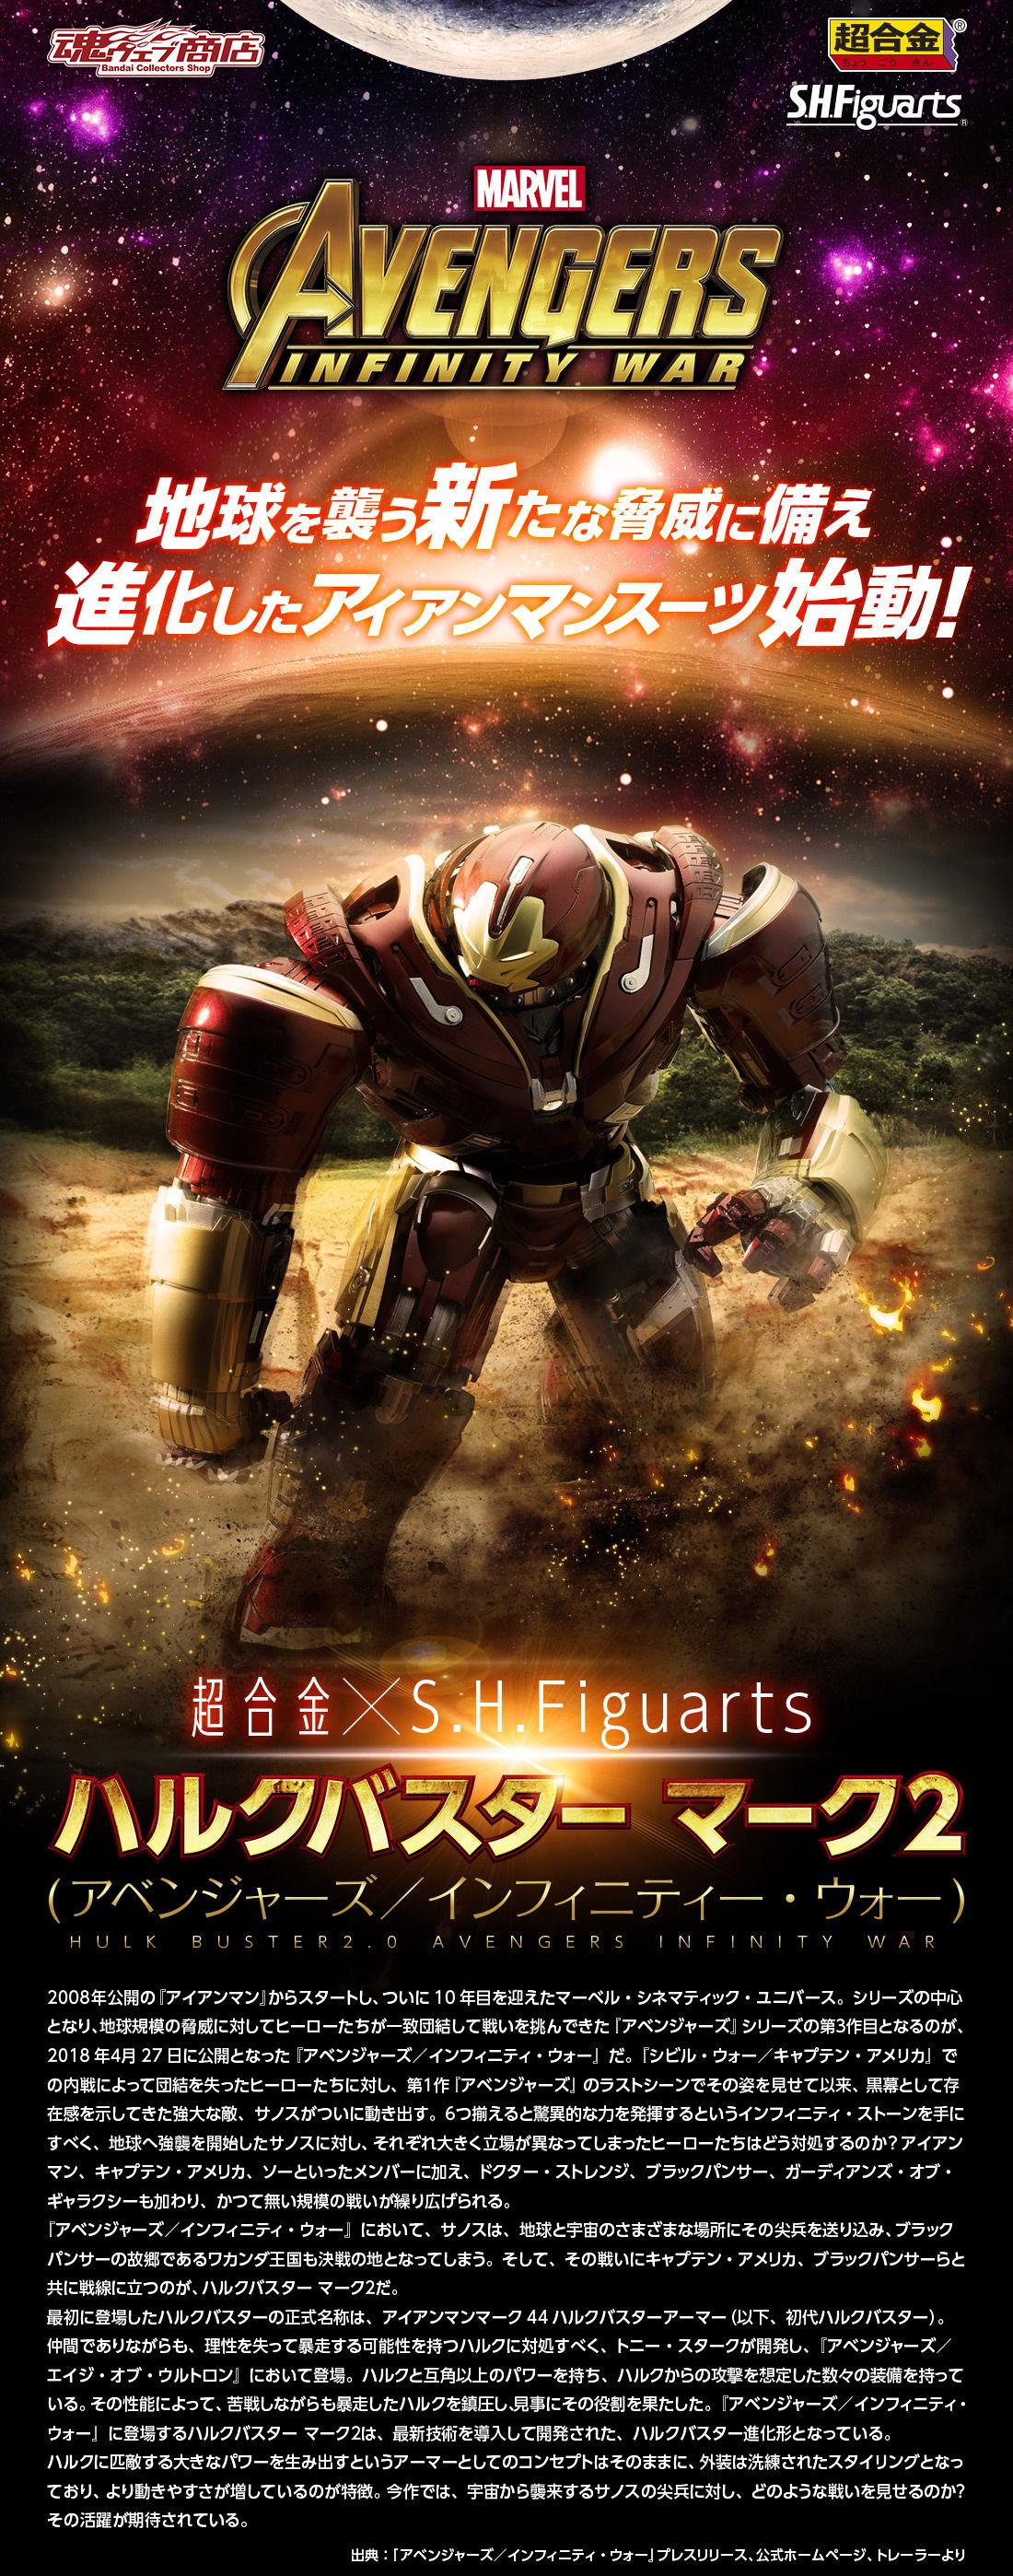 超合金×S.H.Figuarts 《復仇者聯盟3:無限之戰》浩克毀滅者 馬克2!ハルクバスター マーク2(アベンジャーズ/インフィニティ・ウォー)